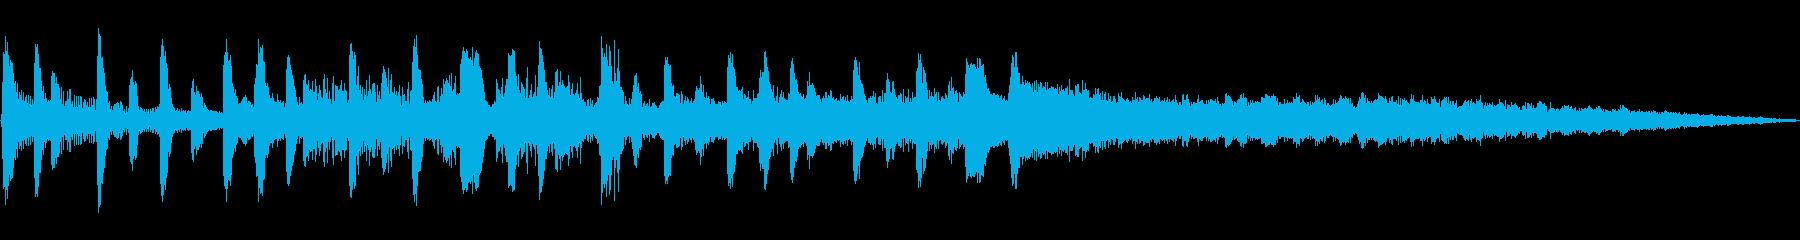 プレイタイムベッドの再生済みの波形